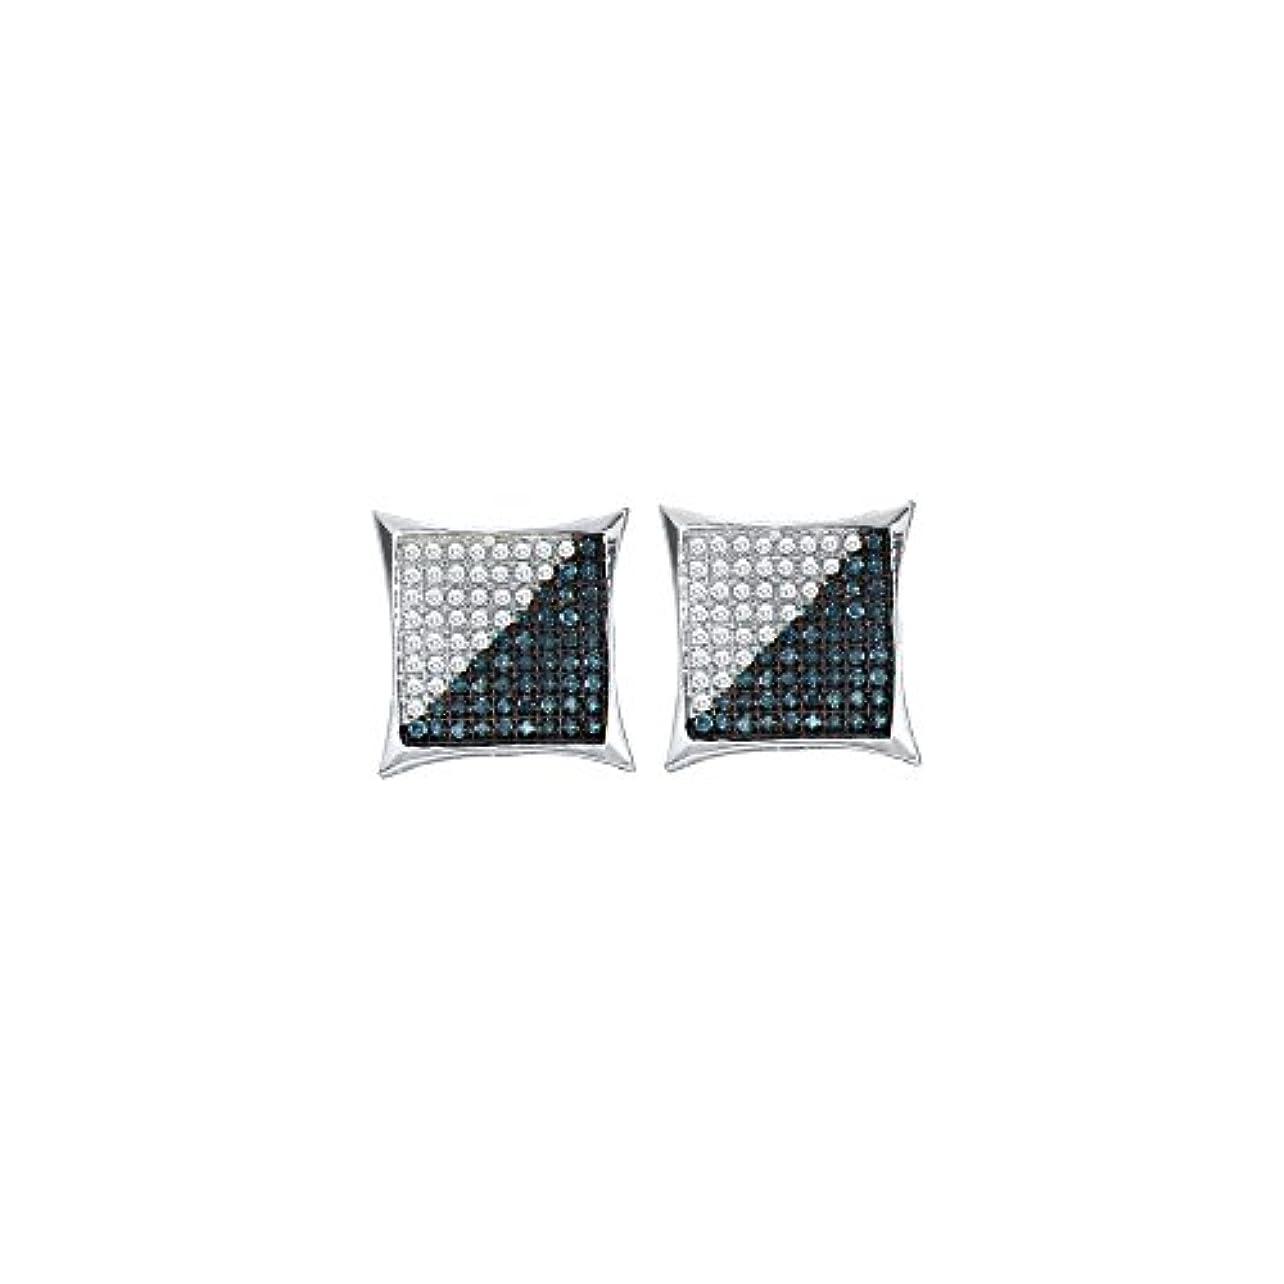 原因雄大なボンド10kt ホワイトゴールド メンズ ラウンド ブルーカラー 強化ダイヤモンド スクエア カイト クラスター ピアス 1/3カラット